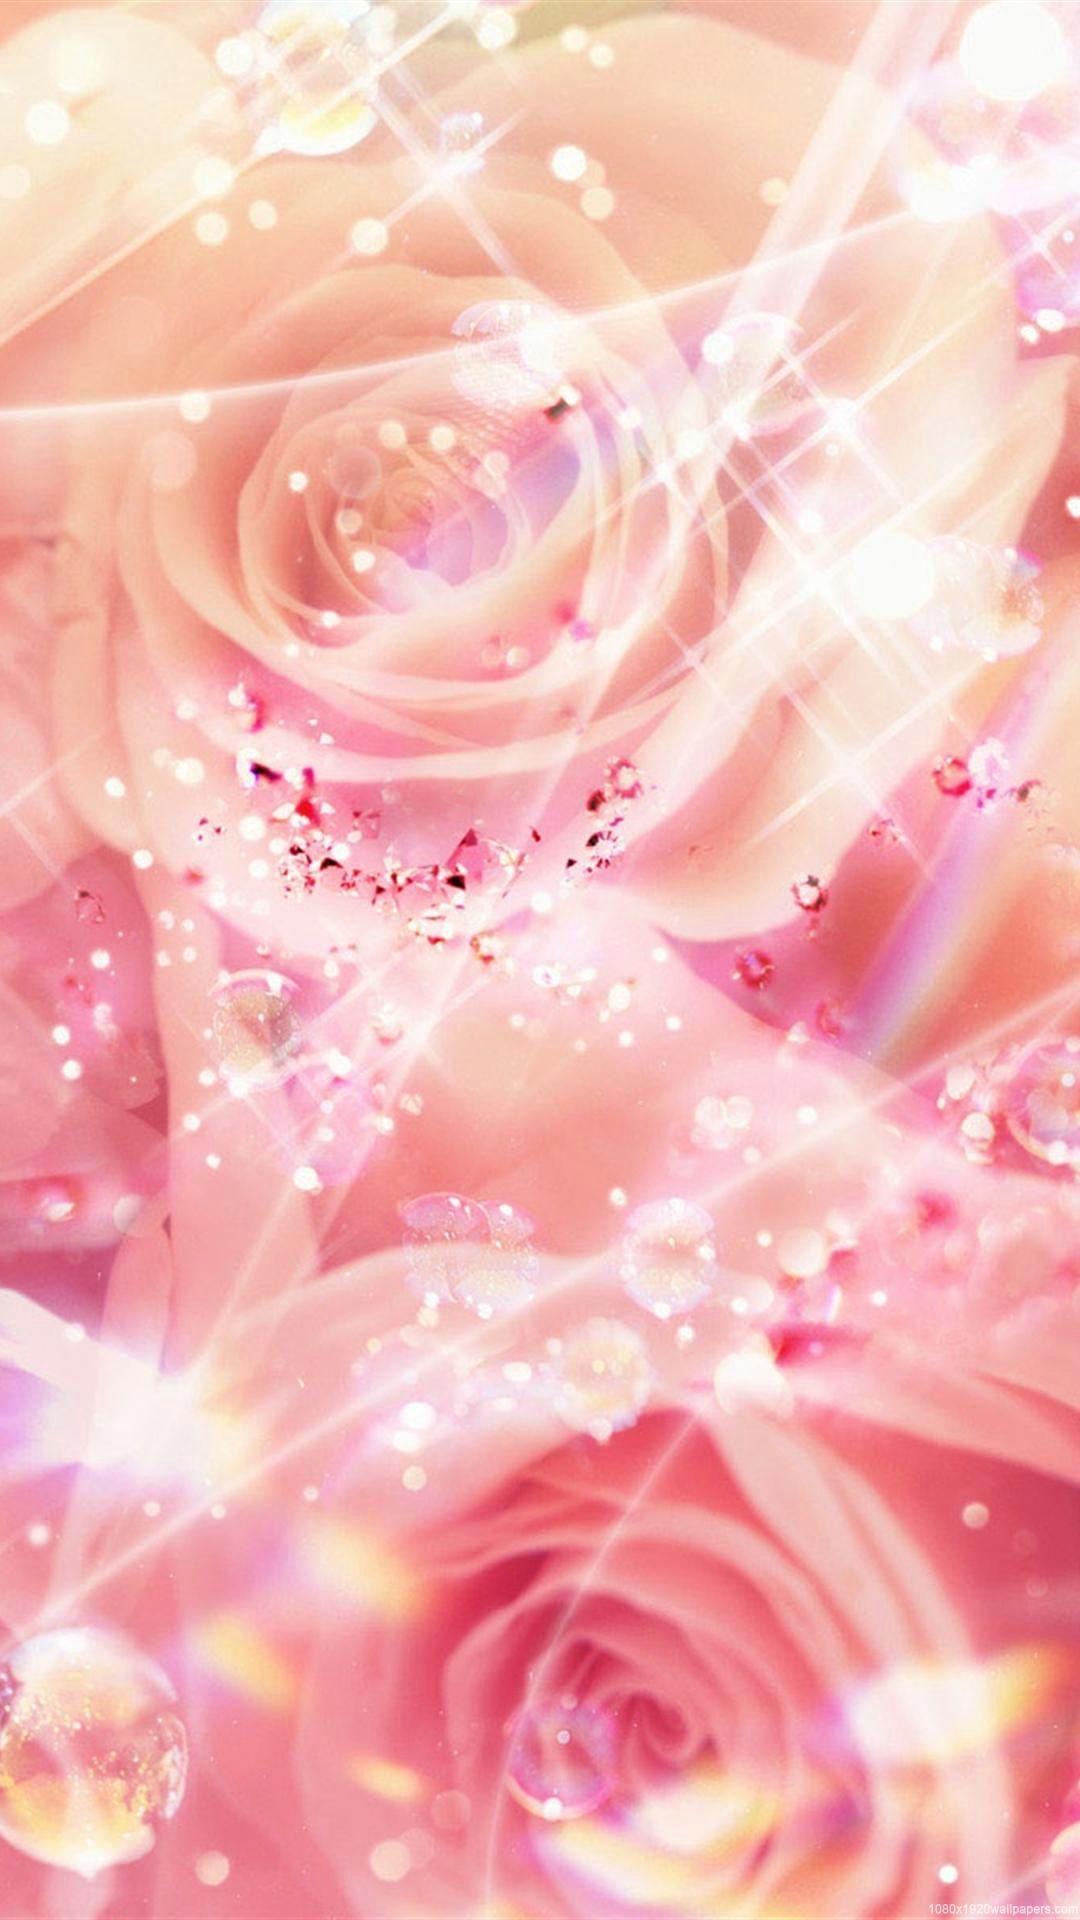 1080x1920 Dream Rose Flower Pink Art Wallpapers Hd Flower Wallpaper Rose Gold Wallpaper Rose Gold Glitter Wallpaper